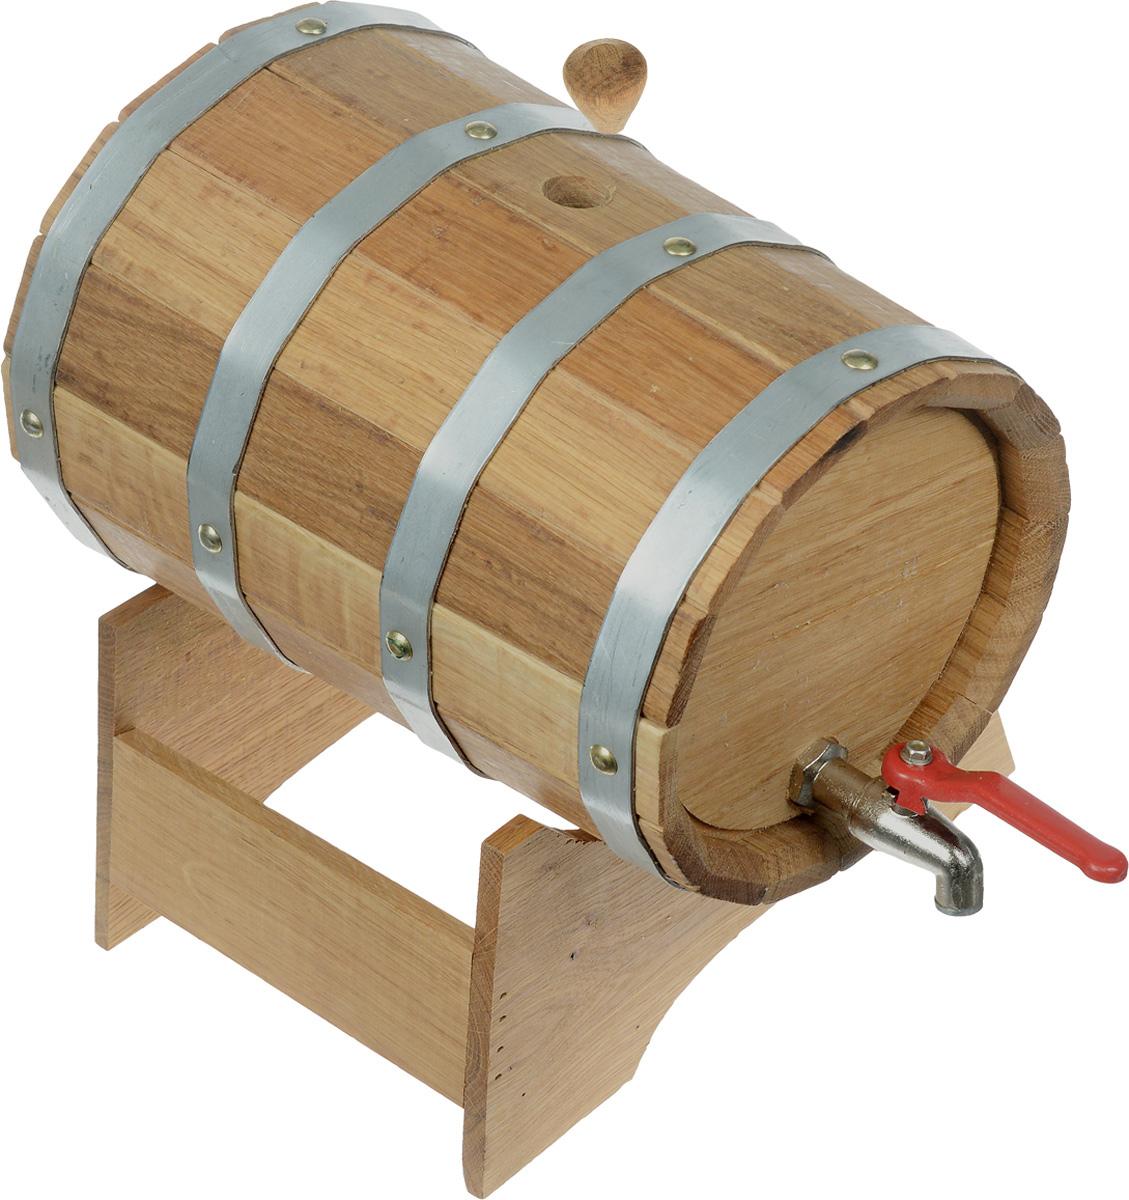 Бочонок для бани и сауны Proffi Sauna, на подставке, 5 лPH0195Бочонок Proffi Sauna изготовлен из дуба. Он прекрасно впишется своим дизайном в интерьер. Дубовый бочонок является одним из лучших среди бондарных изделий для использования в бане или сауне. Корпус бочонка состоит из металлических обручей, стянутых клепками. Для более удобного использования изделие имеет краник и подставку. Главное достоинство в том, что все полезные свойства остаются в сохранности. Эксплуатация бондарных изделий. Перед первым использованием бондарное изделие рекомендуется подготовить. Для этого нужно наполнить изделие холодной водой и оставить наполненным на 2-3 часа. Затем необходимо воду слить, обдать изделие сначала горячей, потом холодной водой. Не рекомендуется оставлять бондарные изделия около нагревательных приборов, а также под длительным воздействием прямых солнечных лучей. С момента начала использования бондарного изделия не рекомендуется оставлять его без воды на срок более 1 недели. Но и продолжительное время хранить в таких...